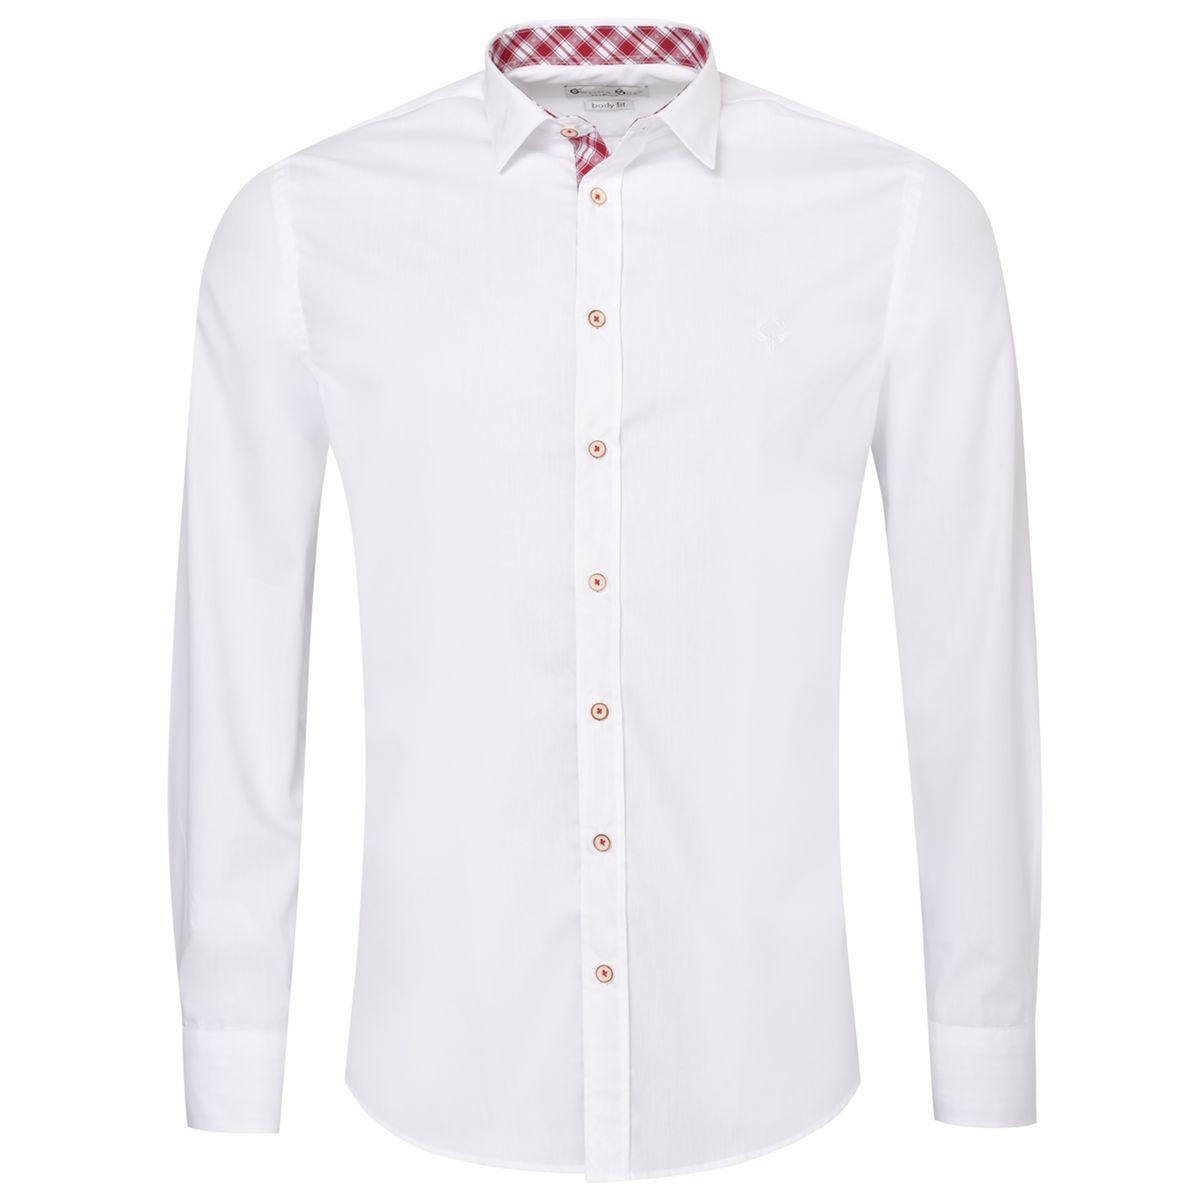 Trachtenhemd Body Fit Fred zweifarbig in Weiß und Rot von Gweih und Silk